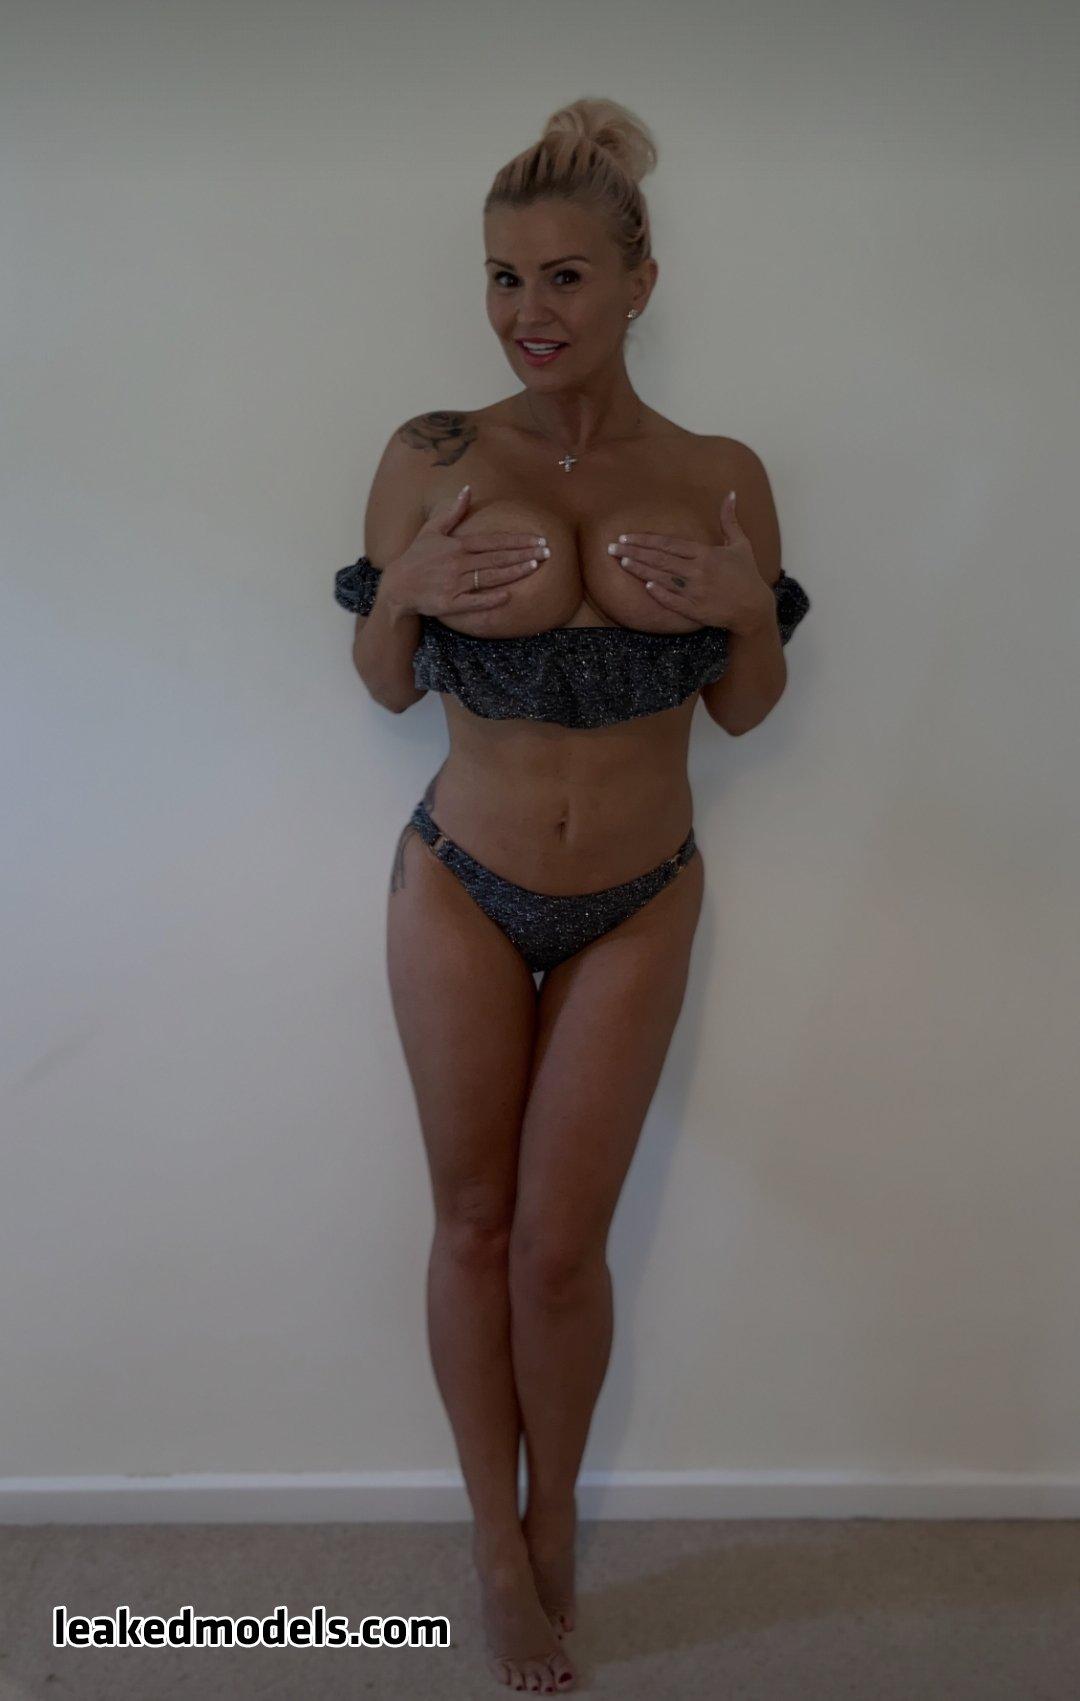 kerry katona – kerrykatona7 OnlyFans Nude Leaks (35 Photos)